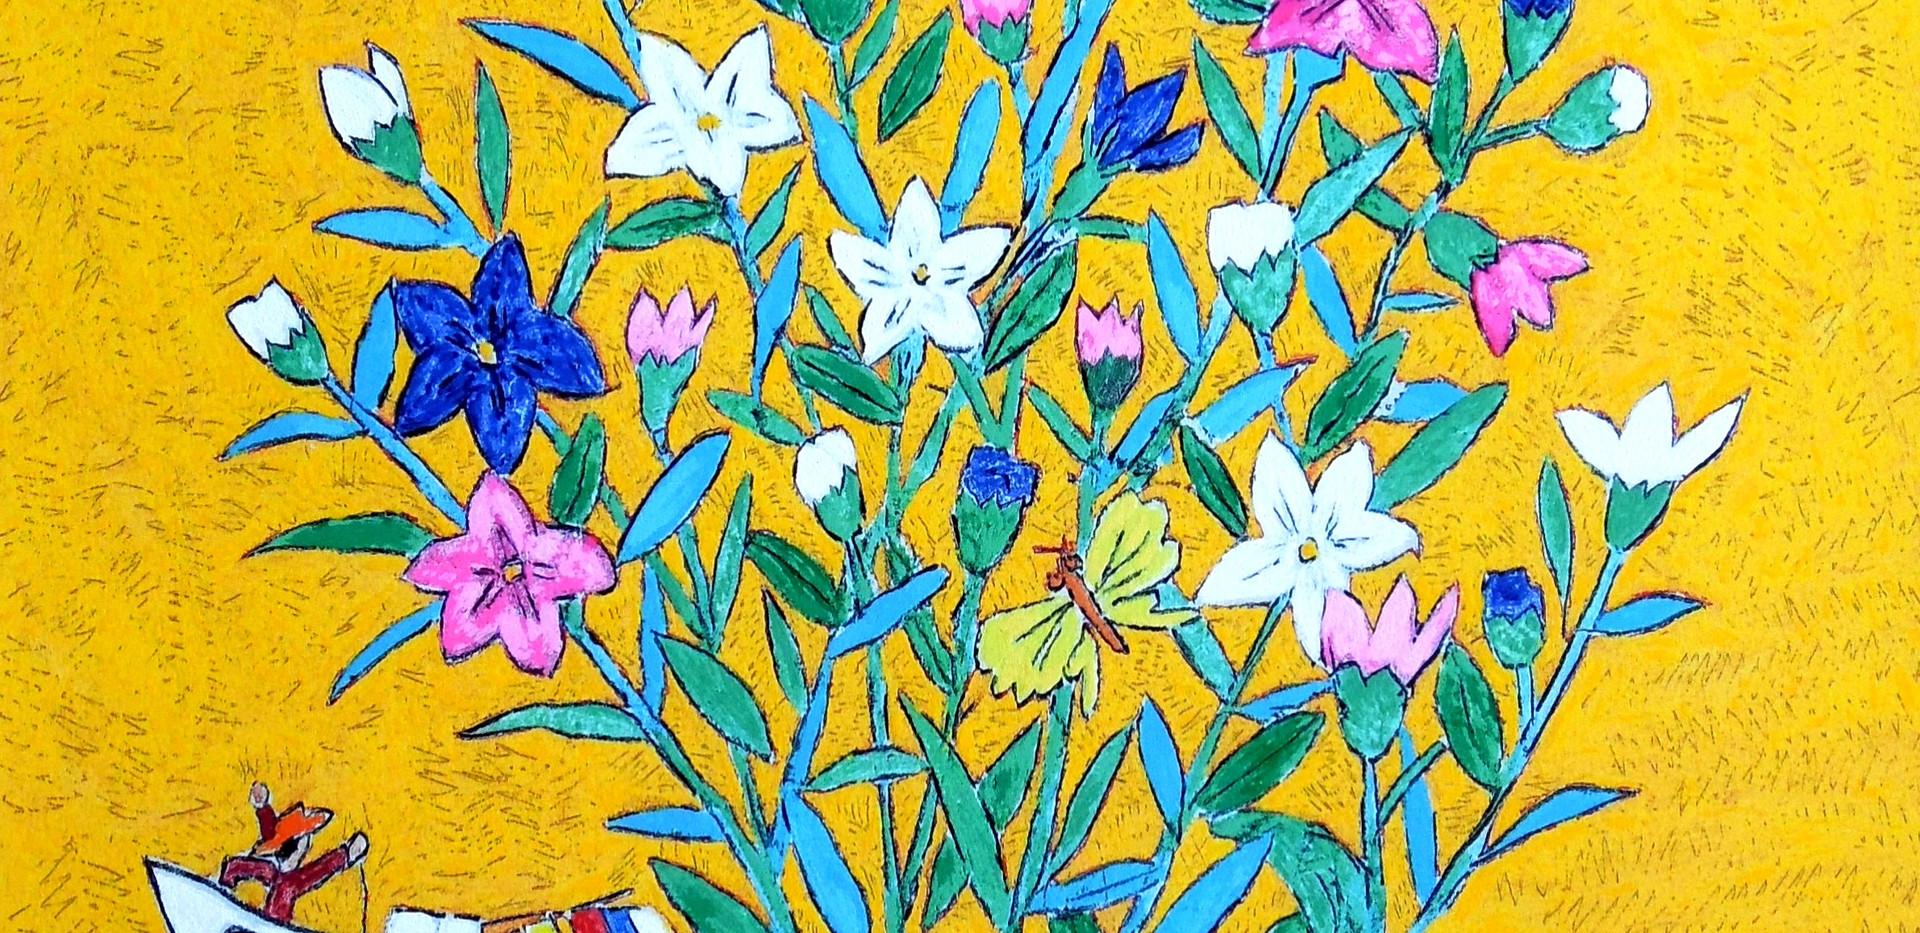 이왈종 - Flowers on Yellow Background, 57x4